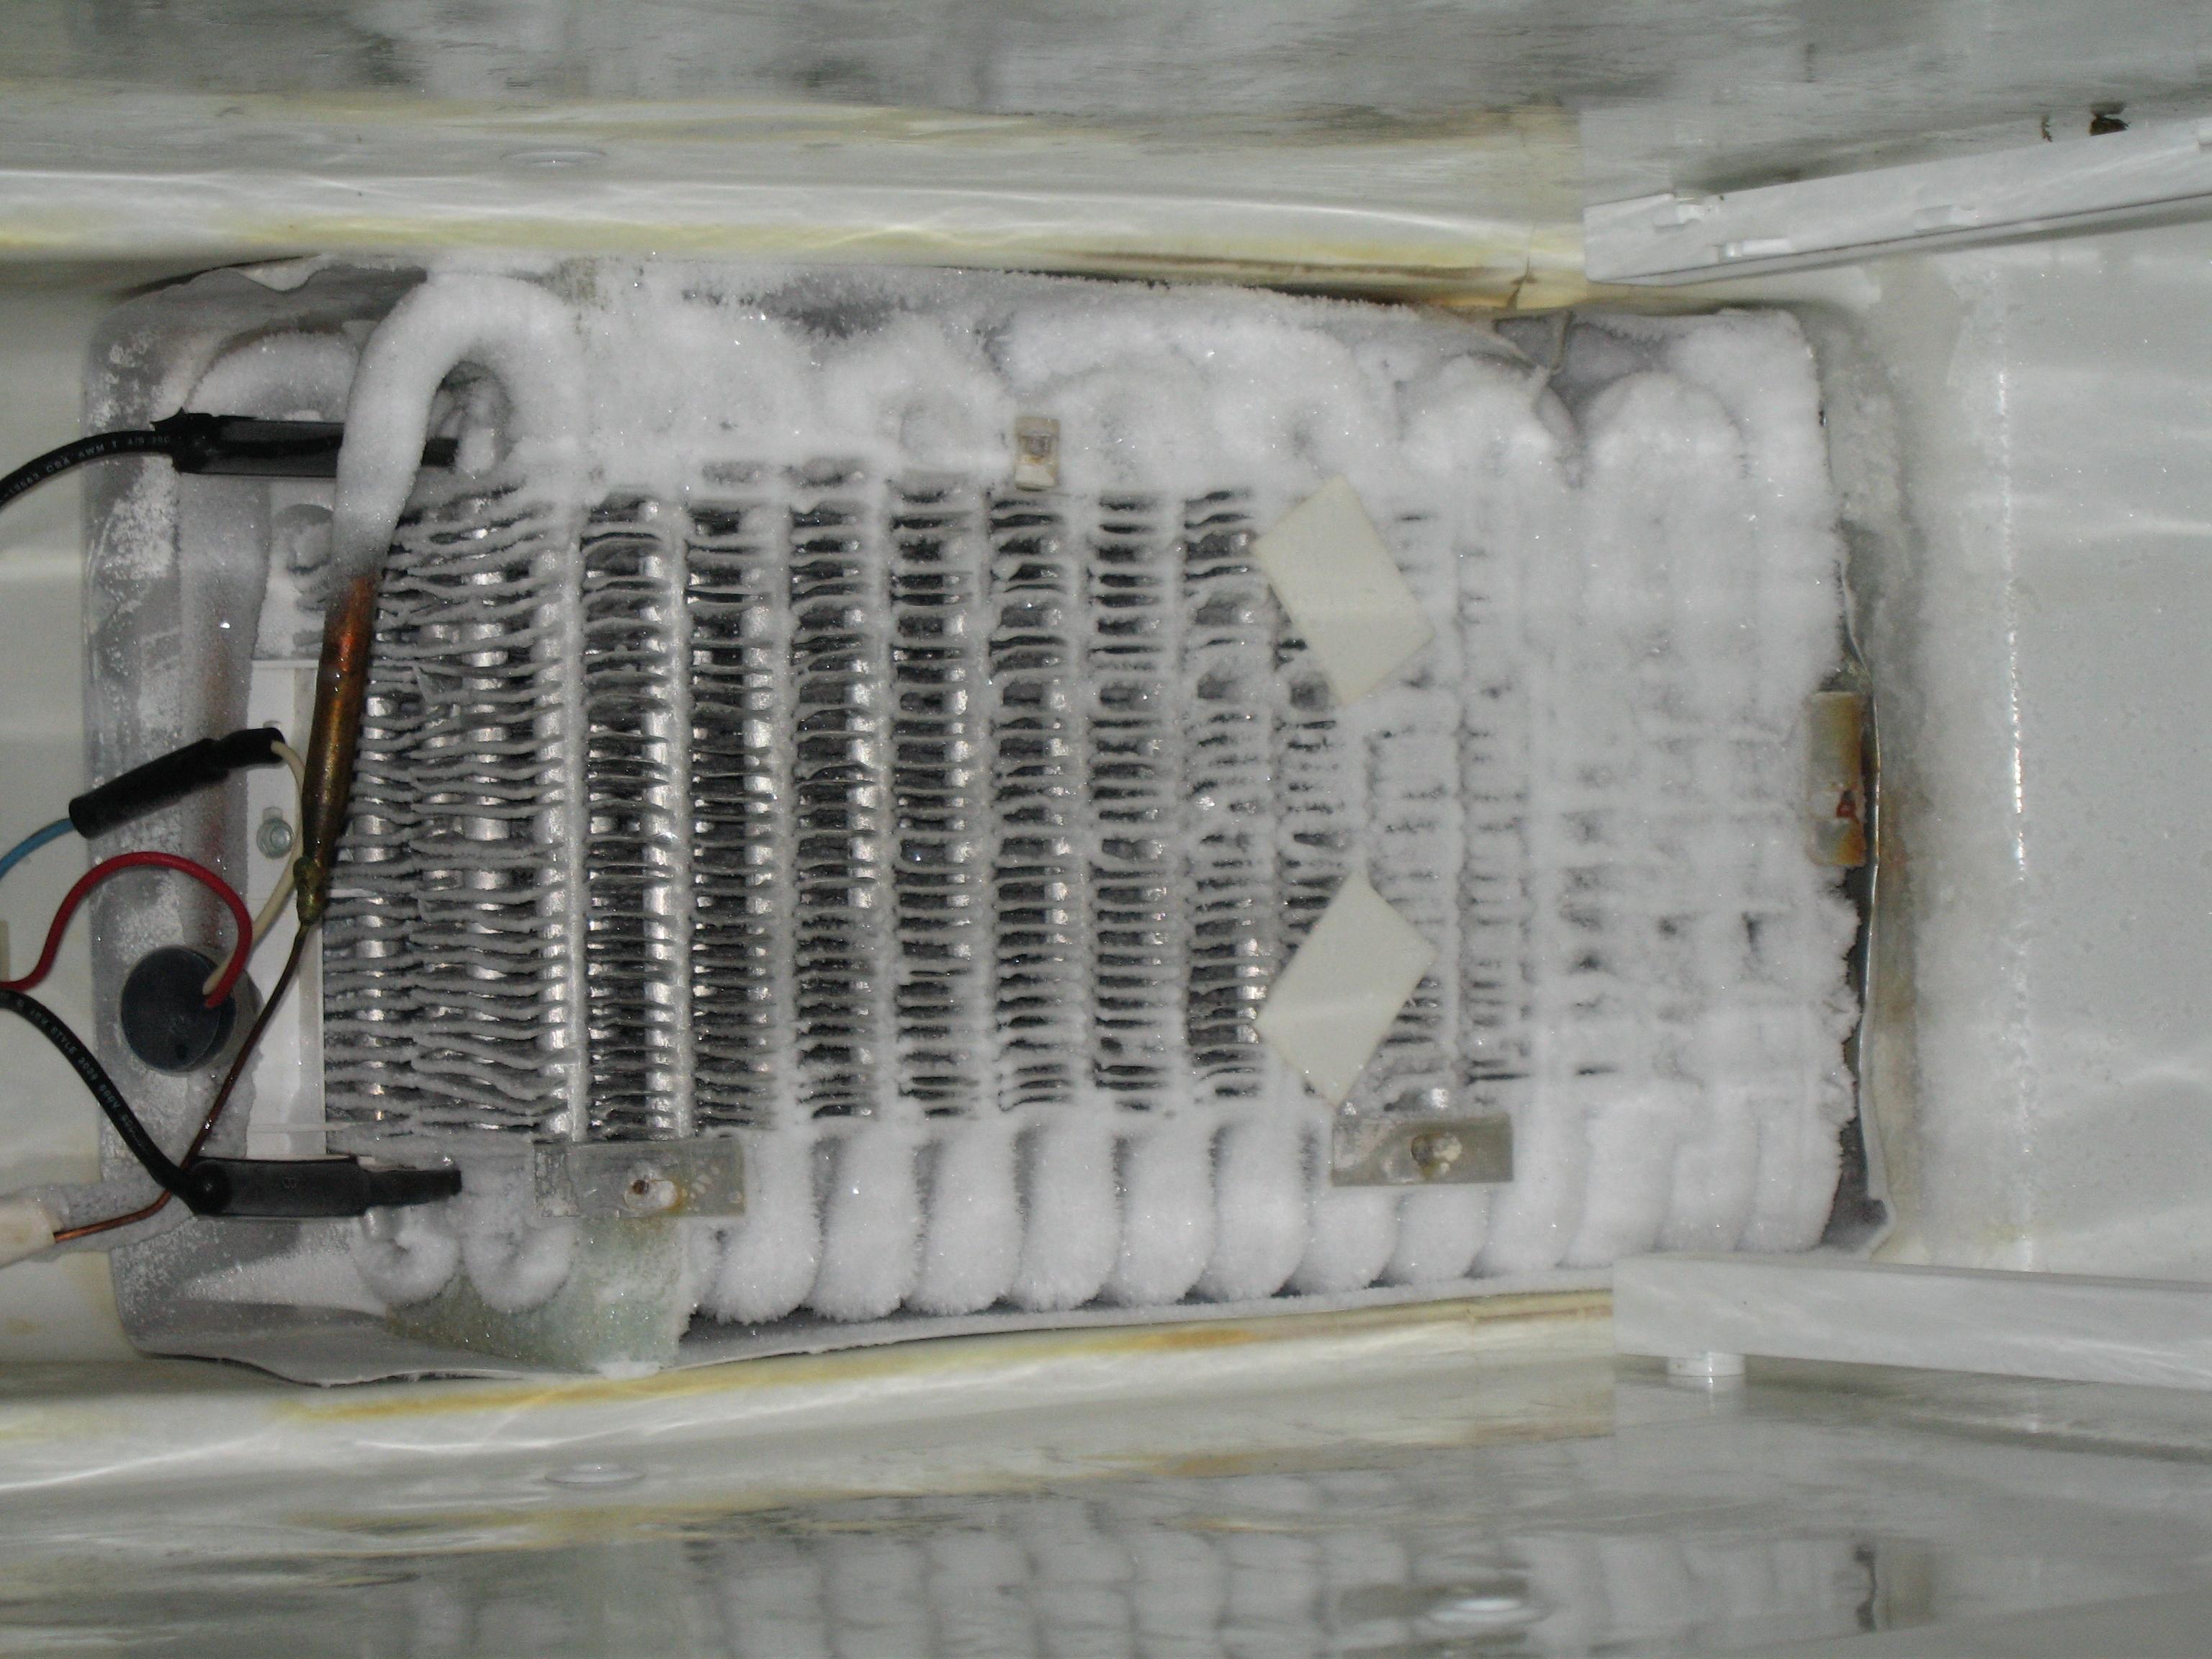 Samsung Refrigerator Evaporator Coils Freezing Pictures